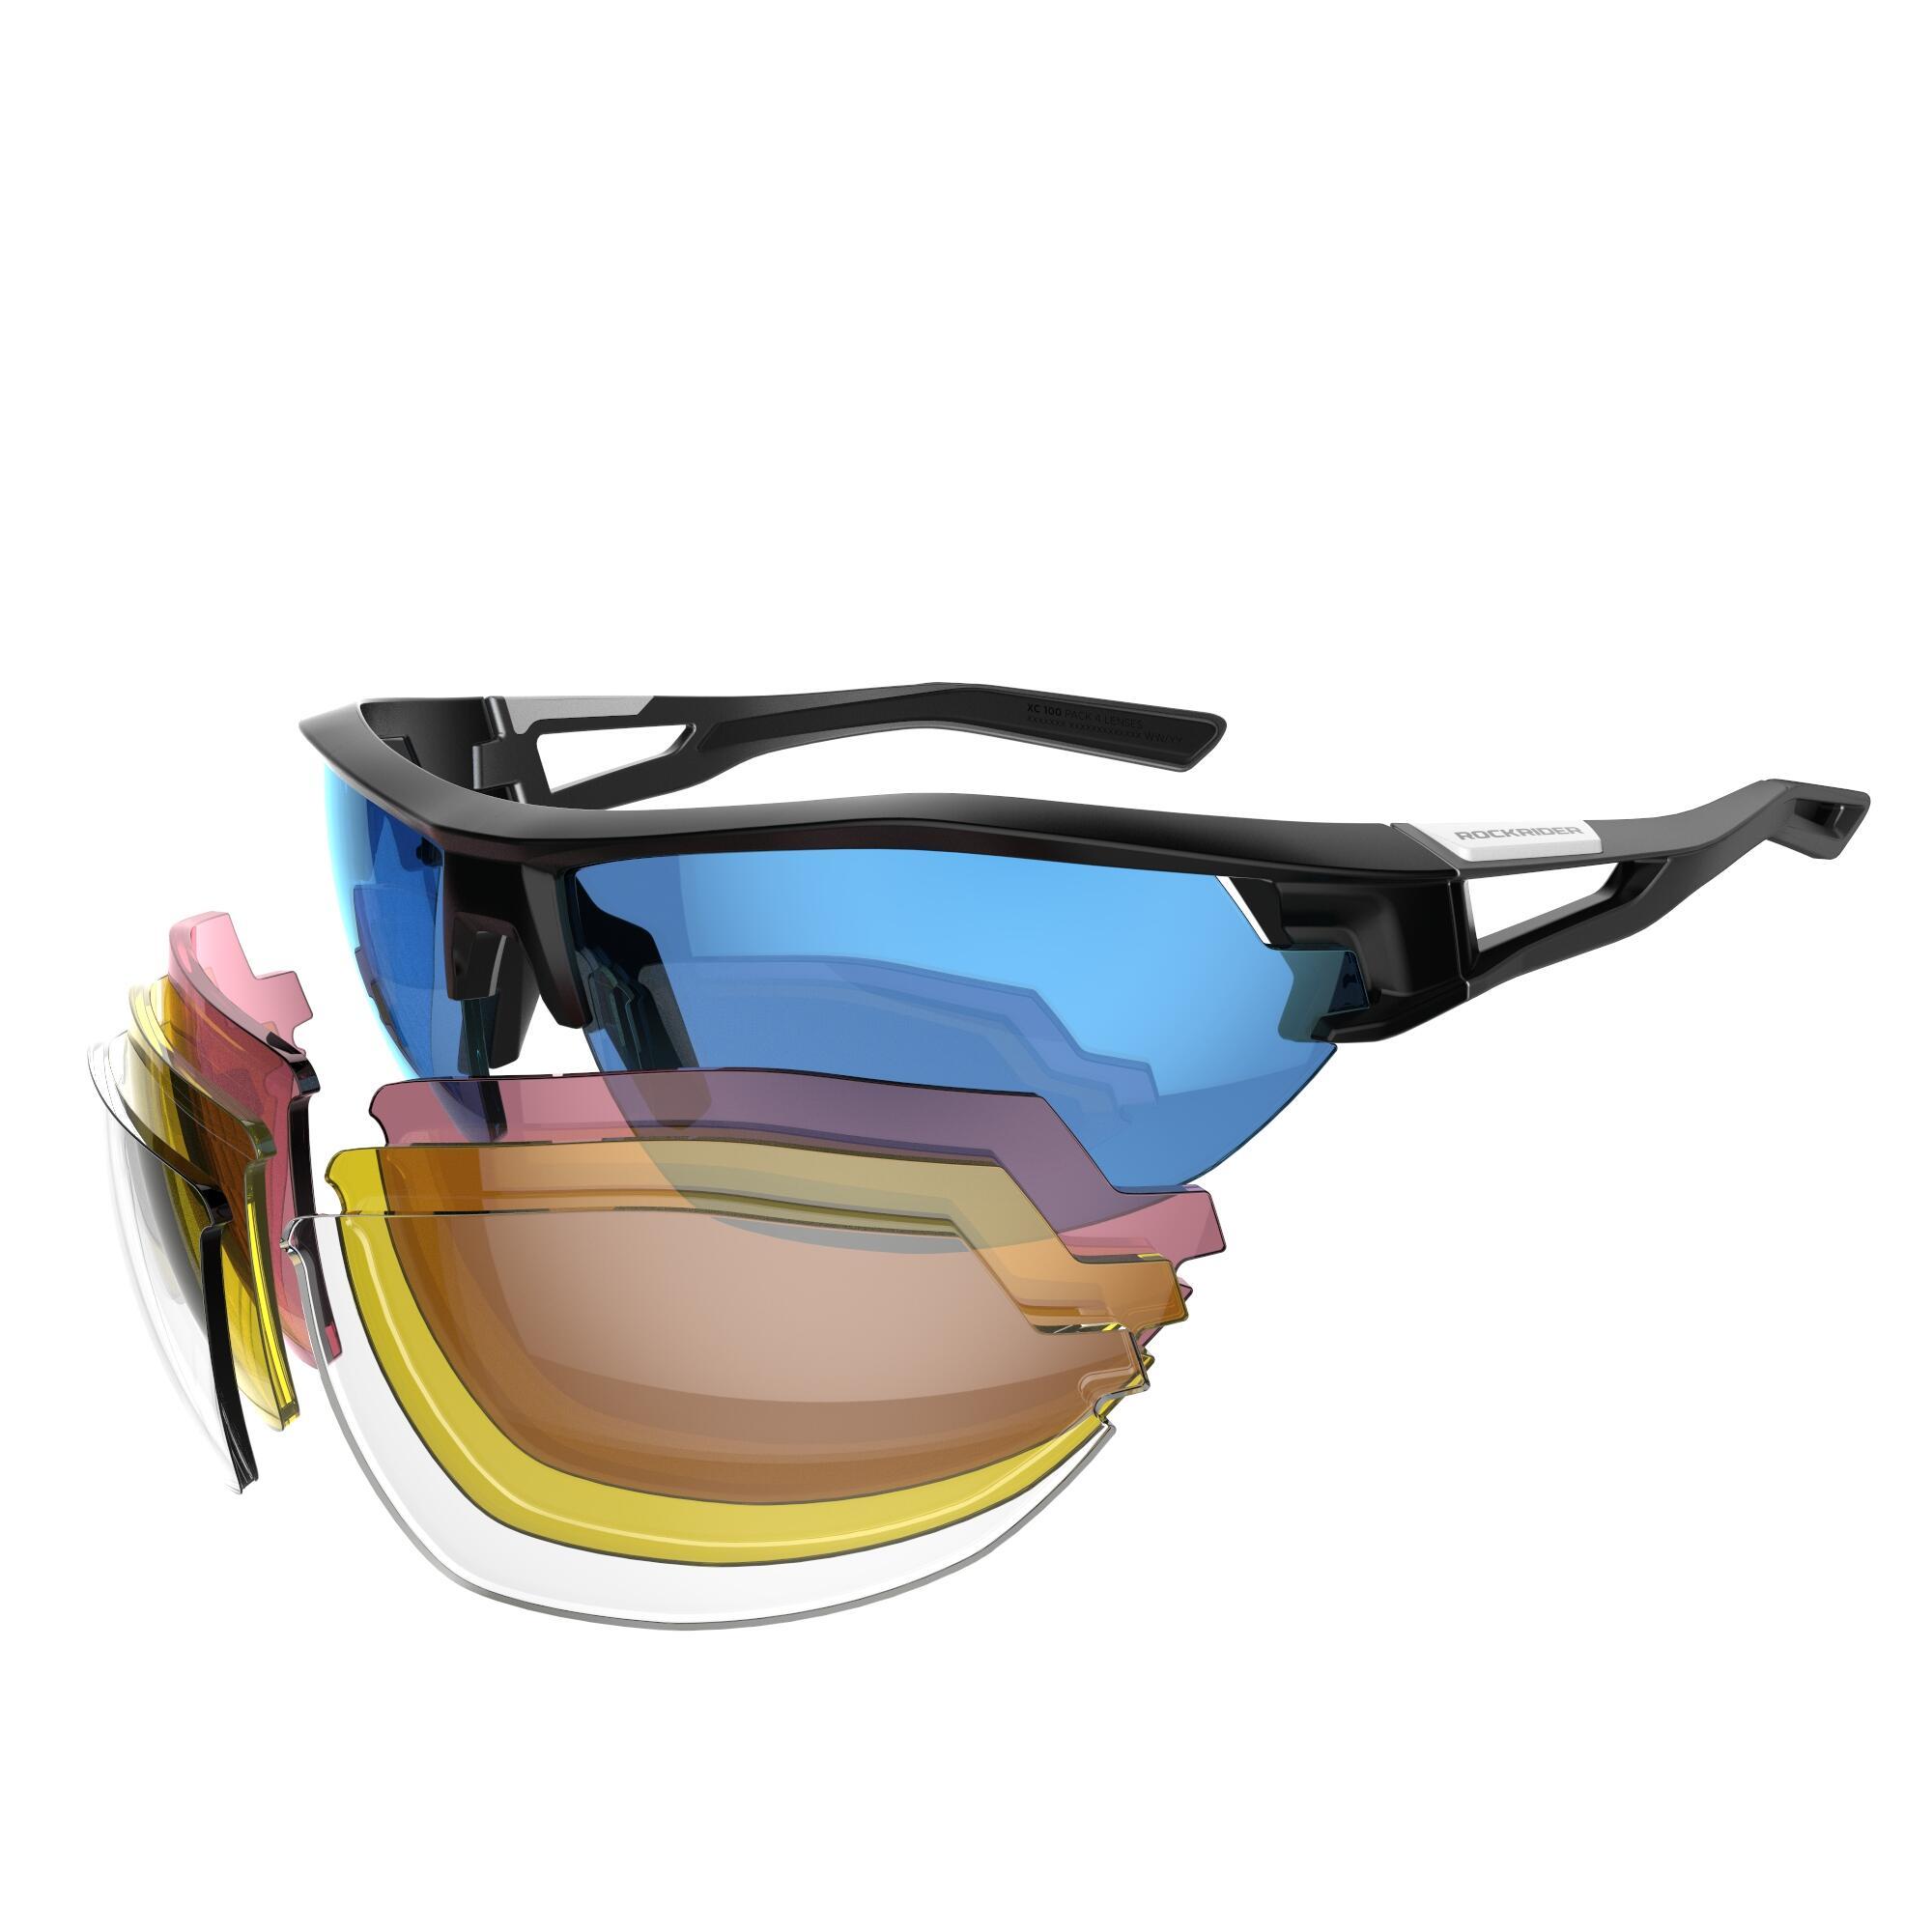 MTB-Sonnenbrille XC 100 4 austauschbare Gläser grau/blau | Accessoires > Sonnenbrillen > Sonstige Sonnenbrillen | Blau | Polyamid | Rockrider